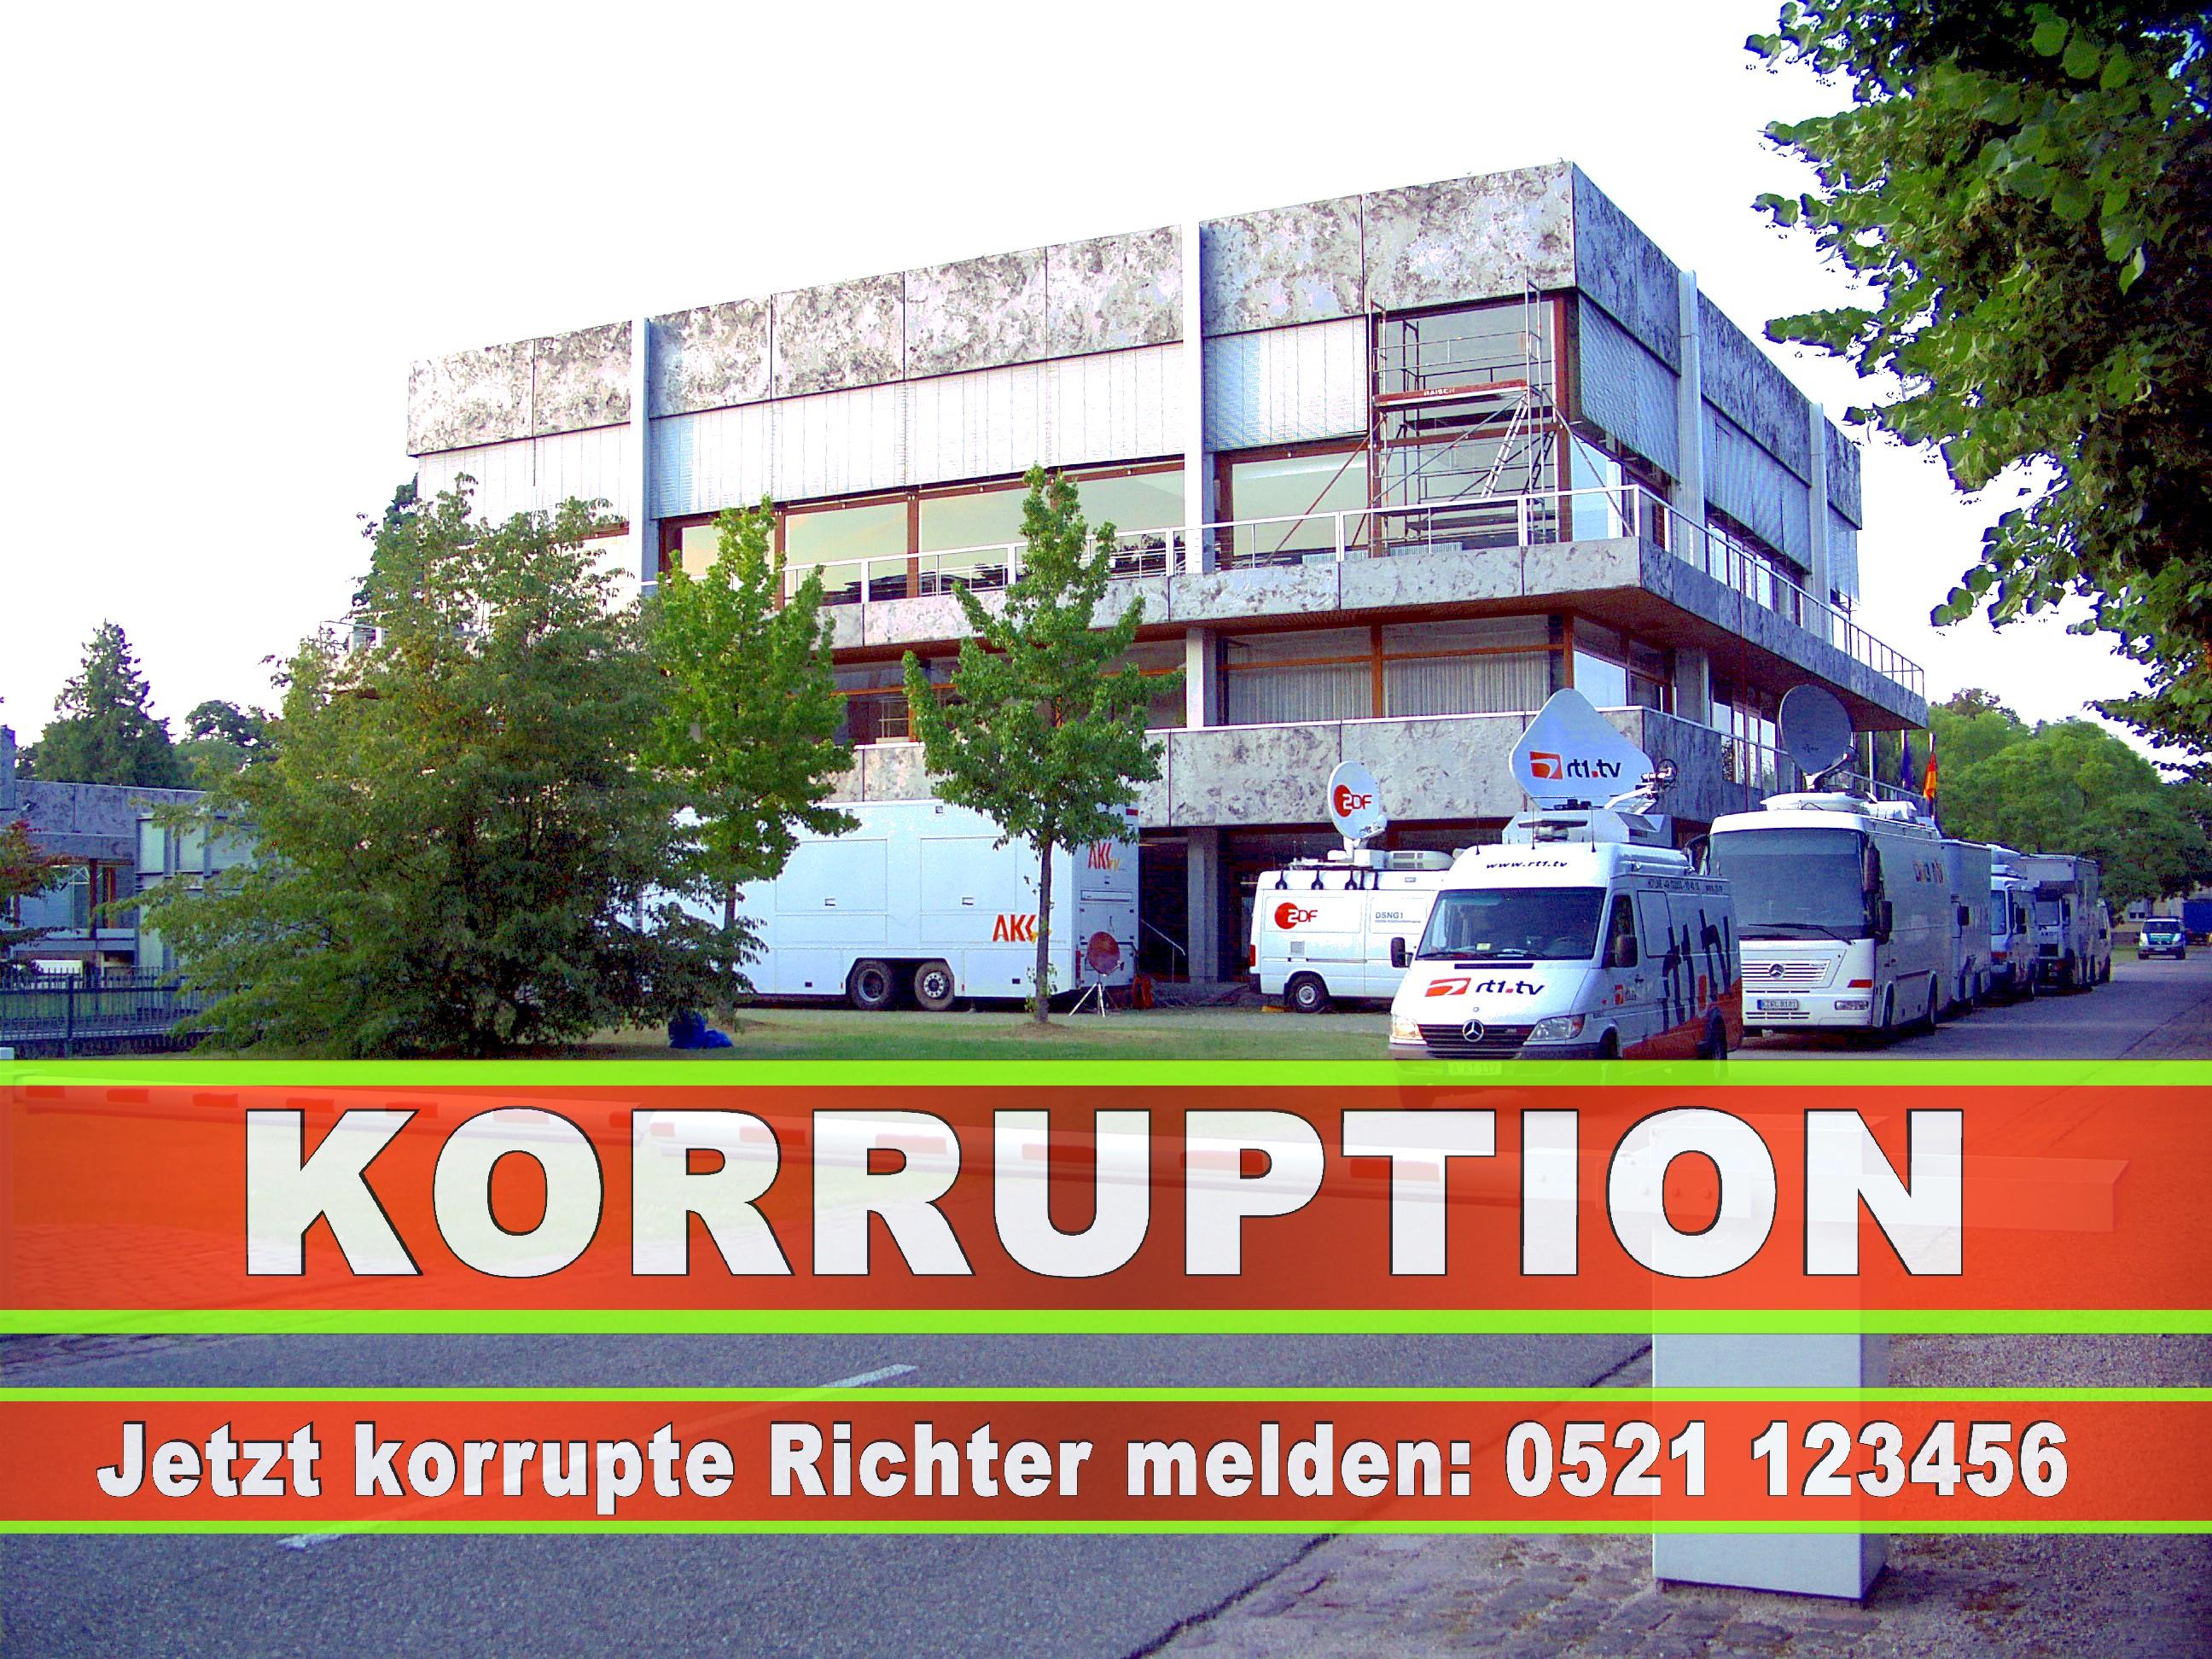 Bundesverfassungsgericht Karlsruhe Richter Korruption Aufgaben Urteile Termine Anfahrt Bilder Fotos Adresse Telefon (3)